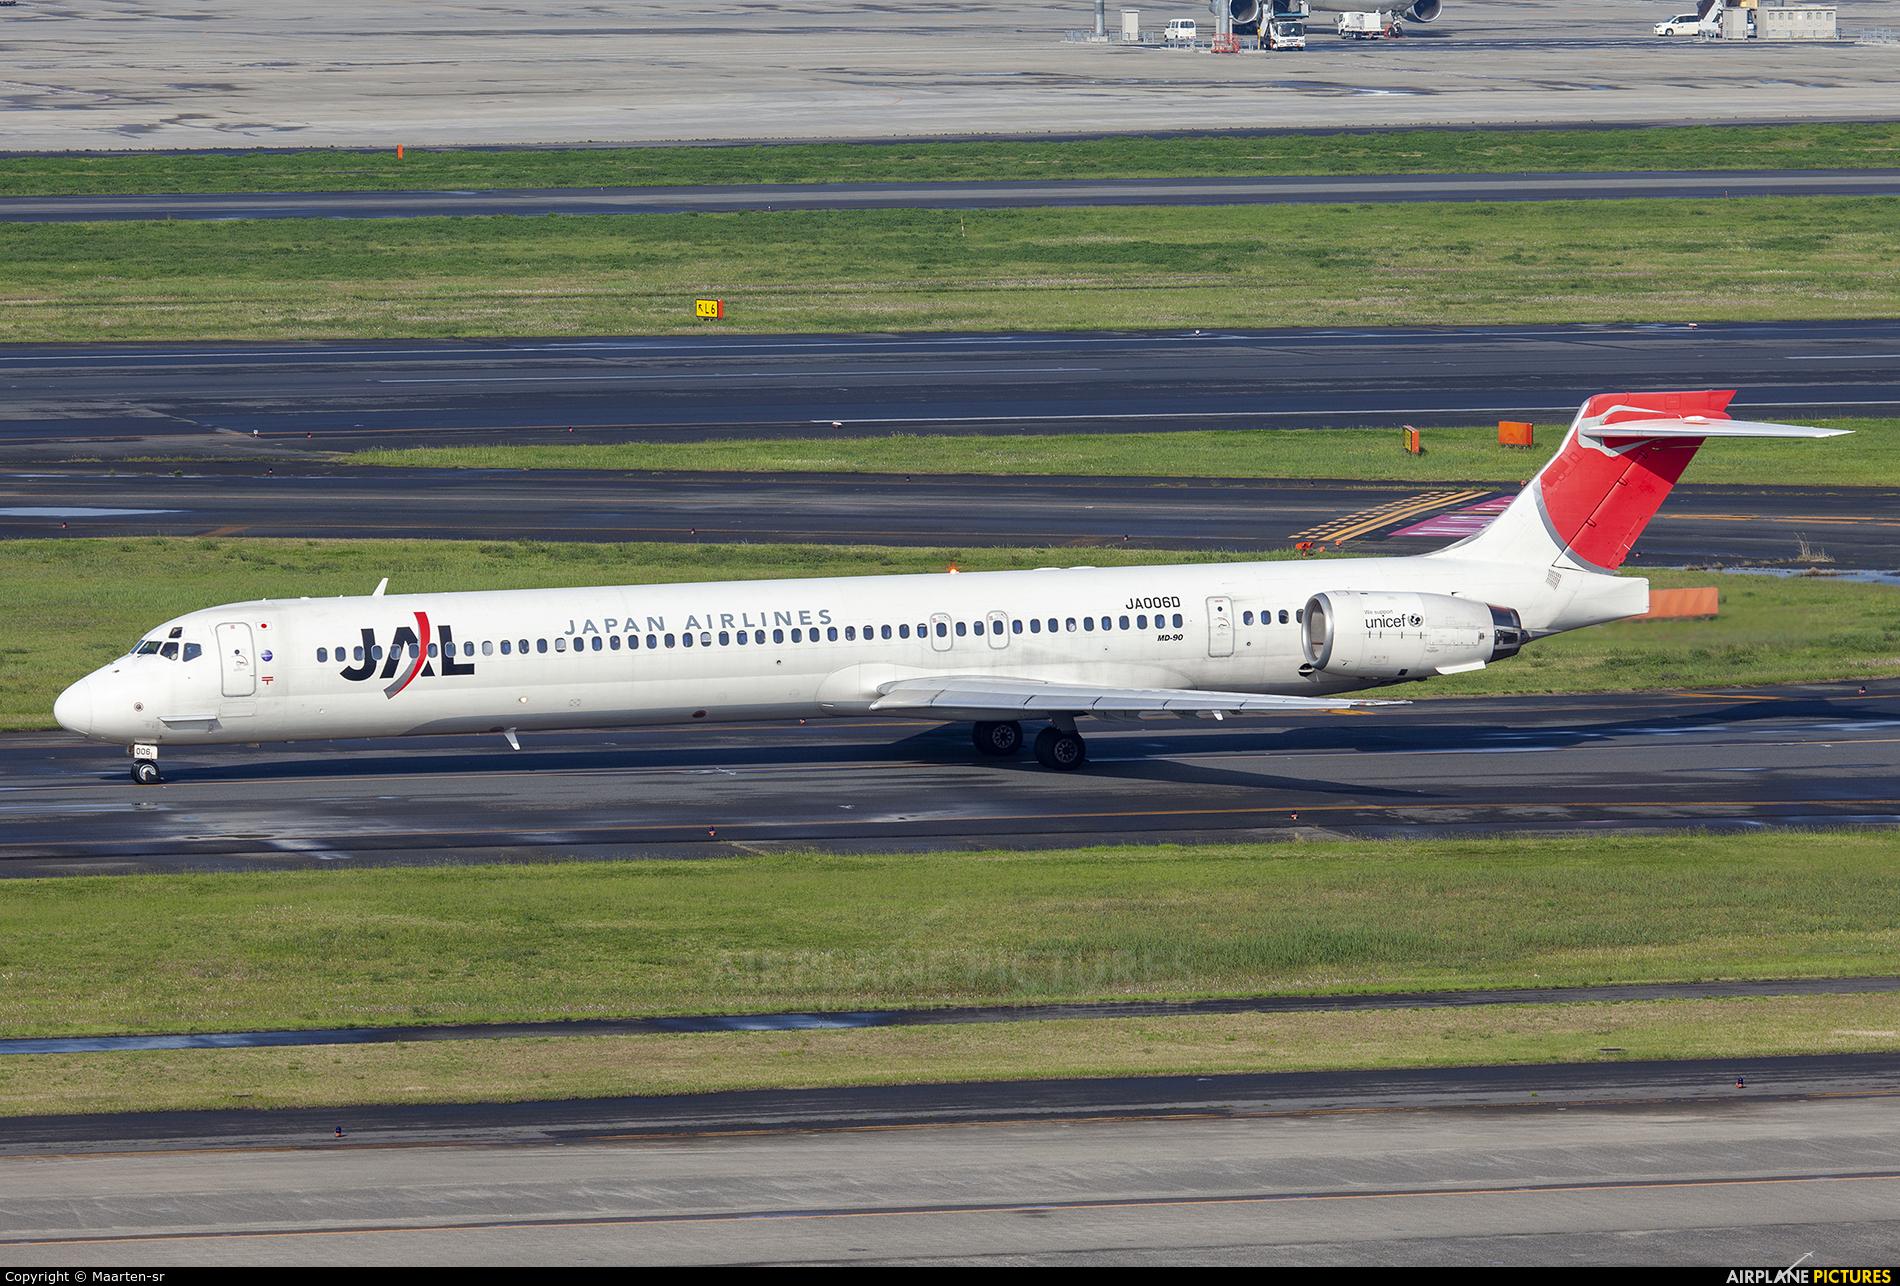 JAL - Japan Airlines JA006D aircraft at Tokyo - Haneda Intl